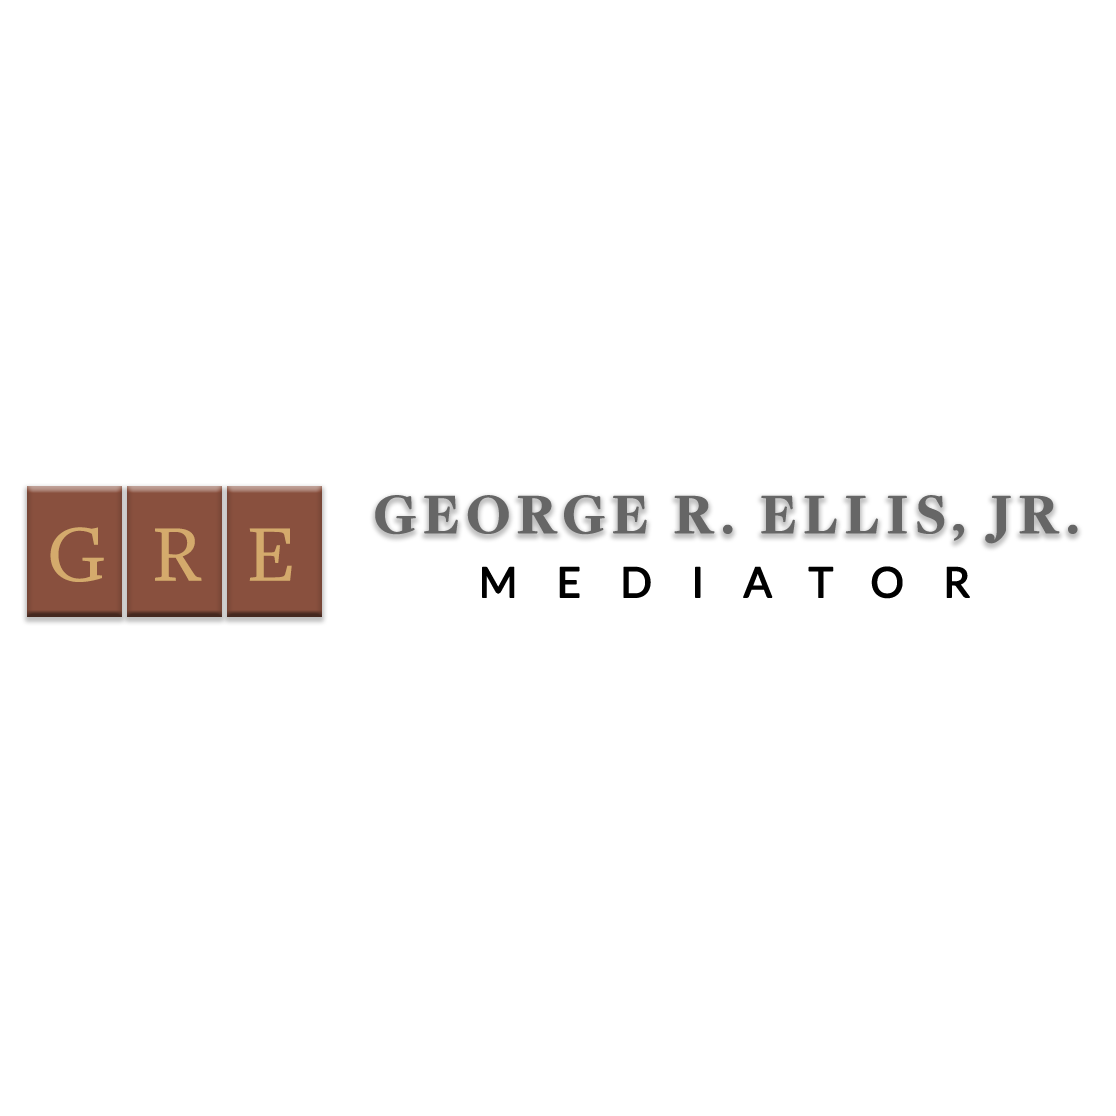 George R. Ellis Jr., Mediation